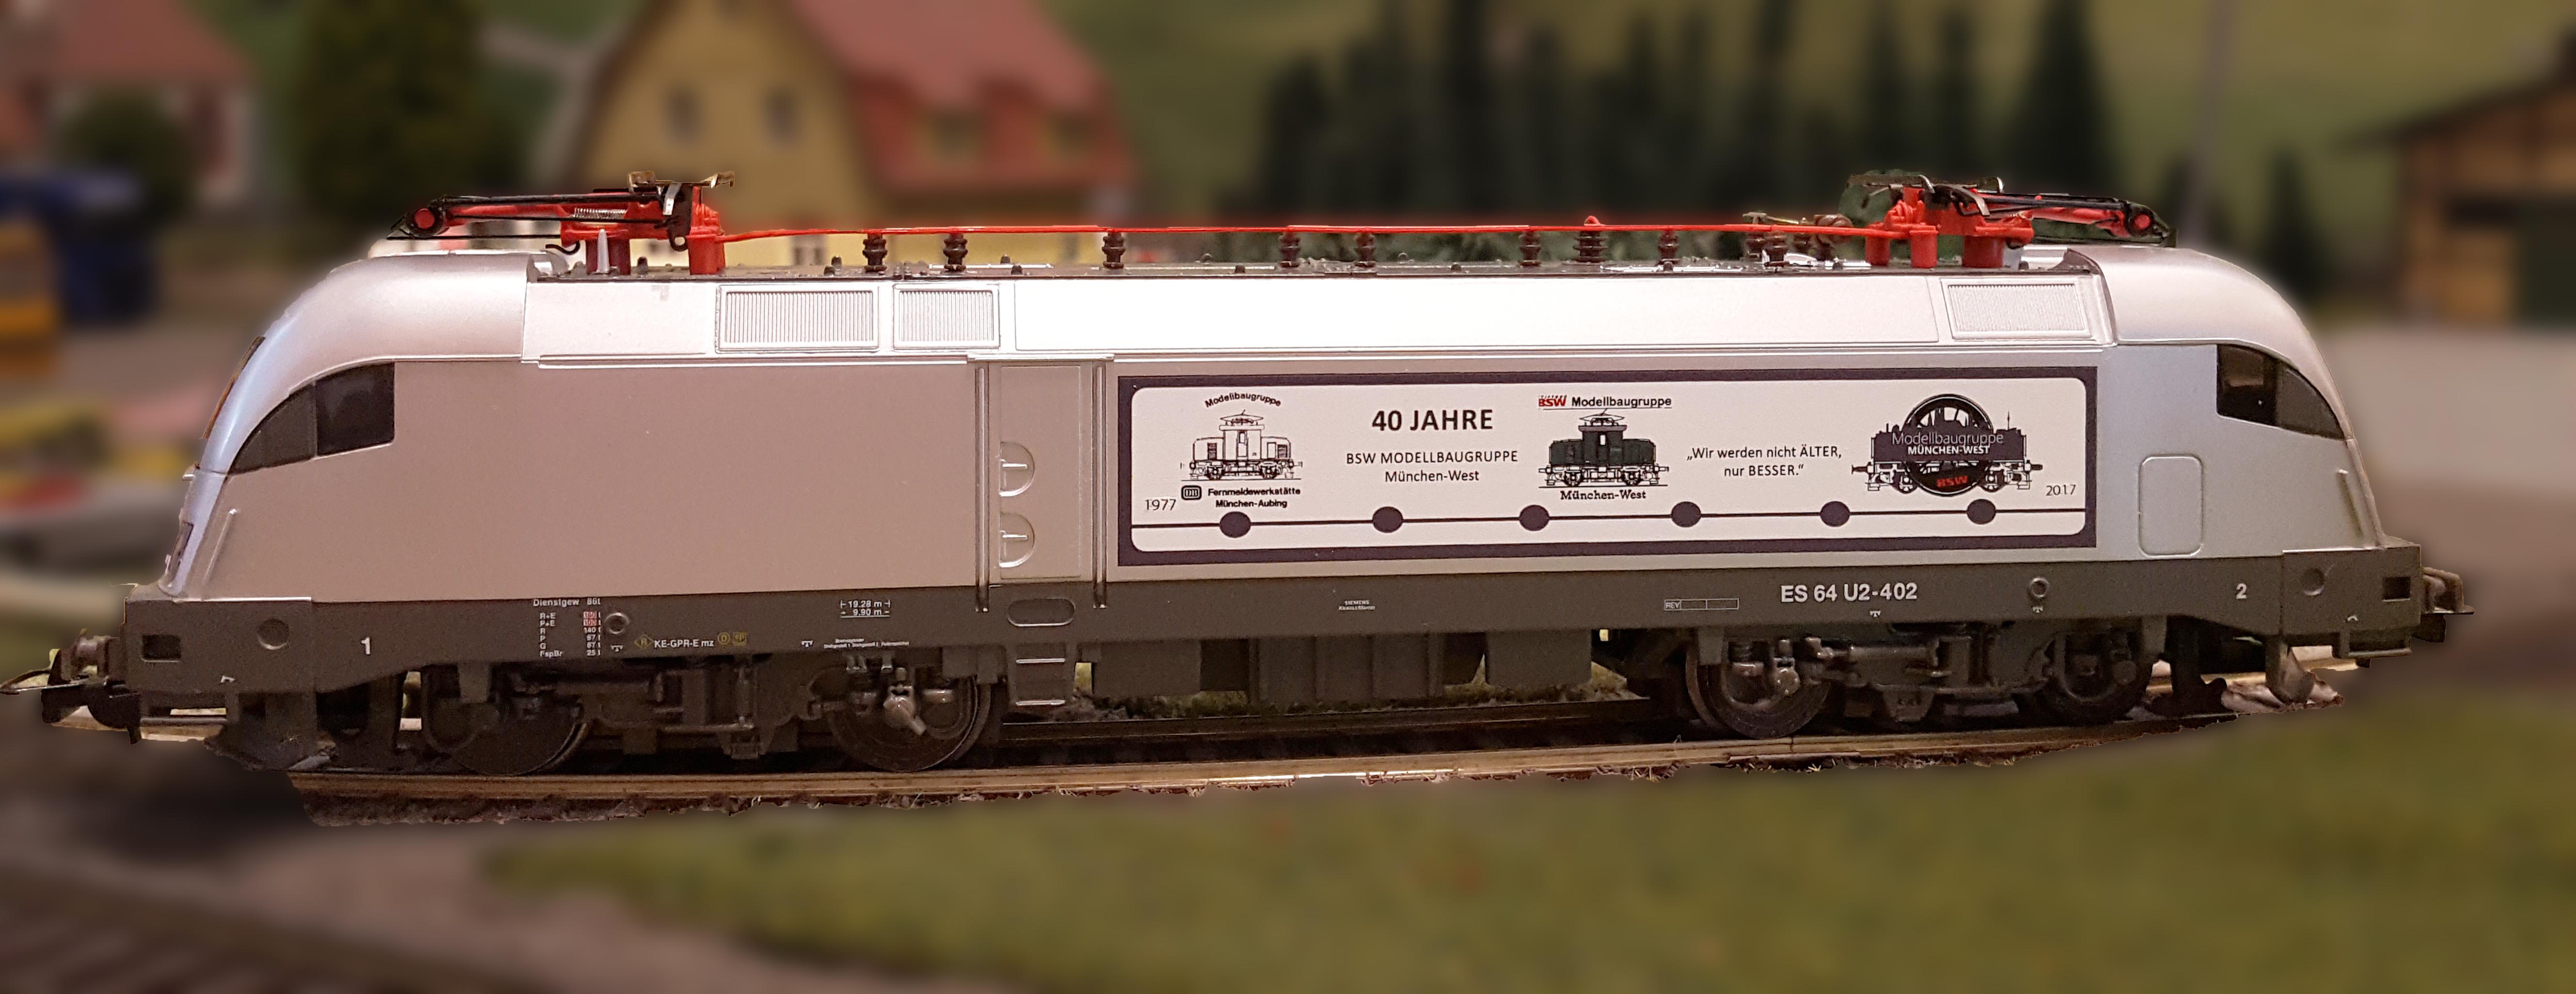 40 Jahre BSW-Modellbaugruppe München-West